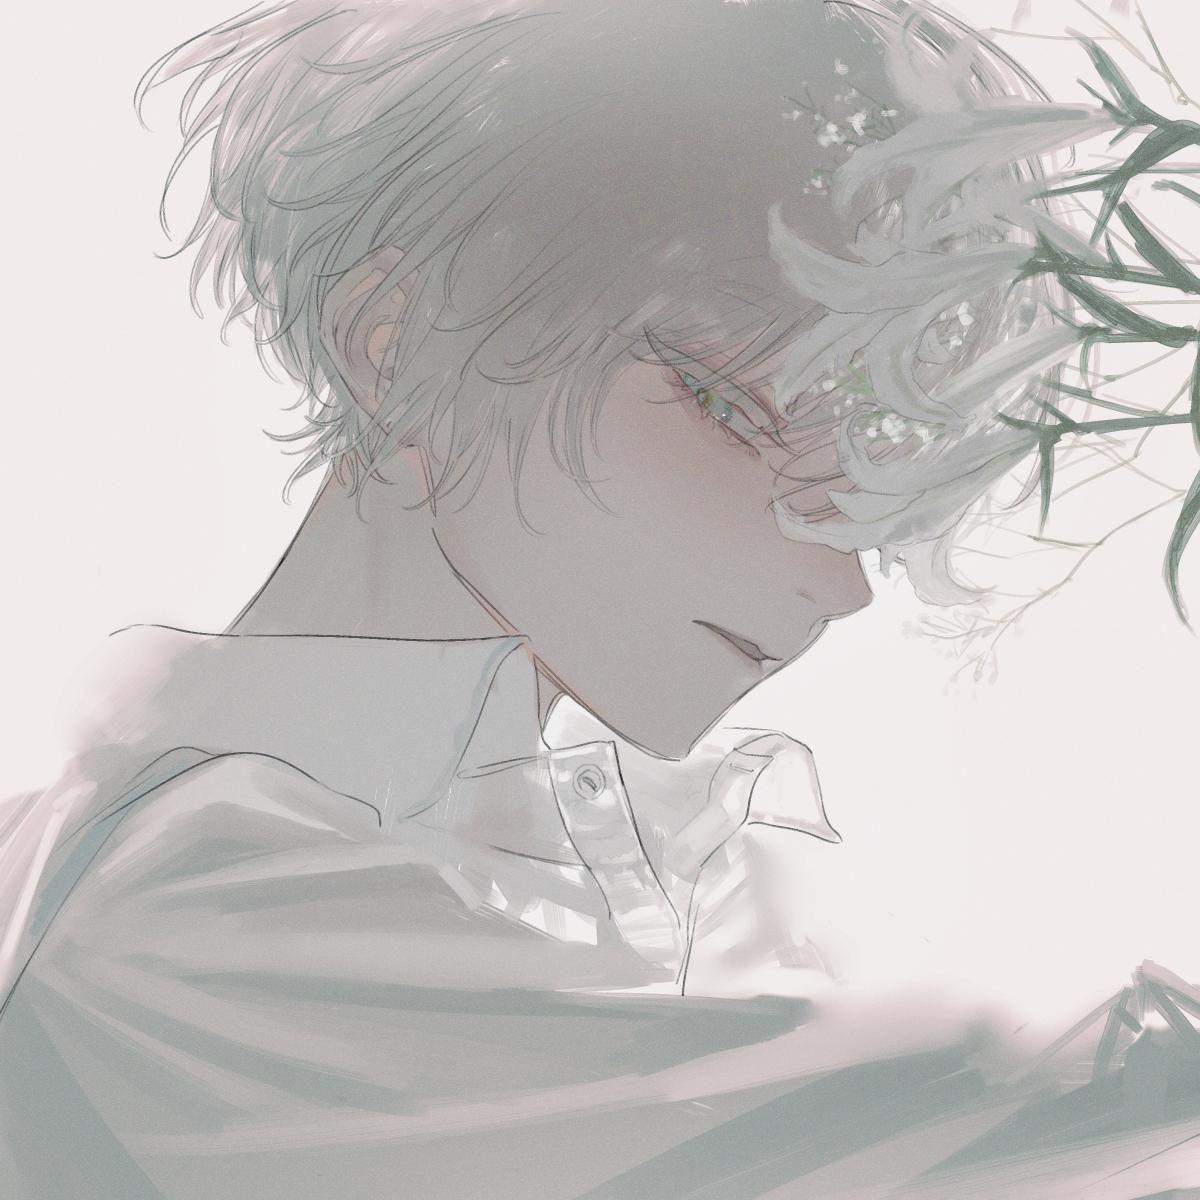 Pz On Twitter Anime Drawings Boy Anime Art Anime Art Girl